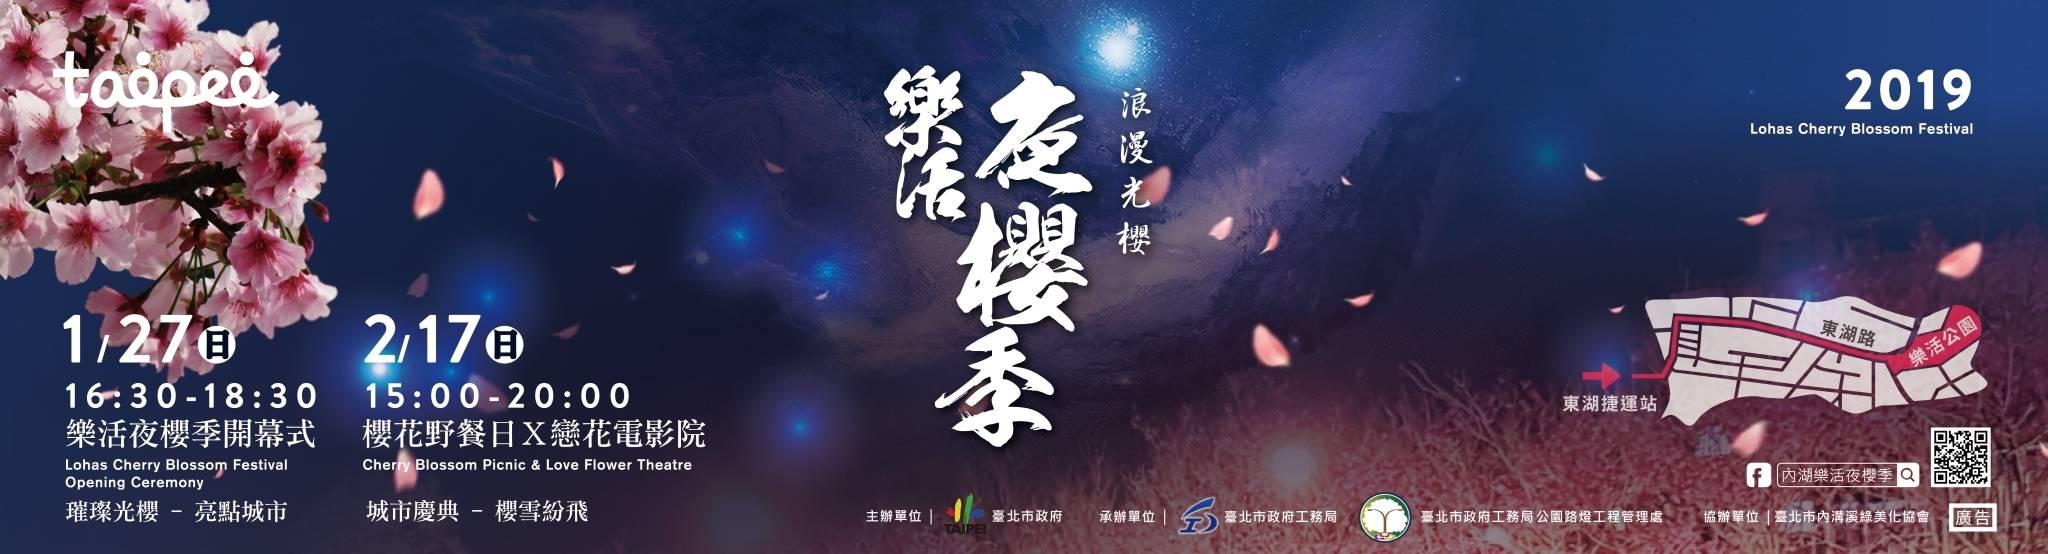 2019樂活夜櫻季[開啟新連結]